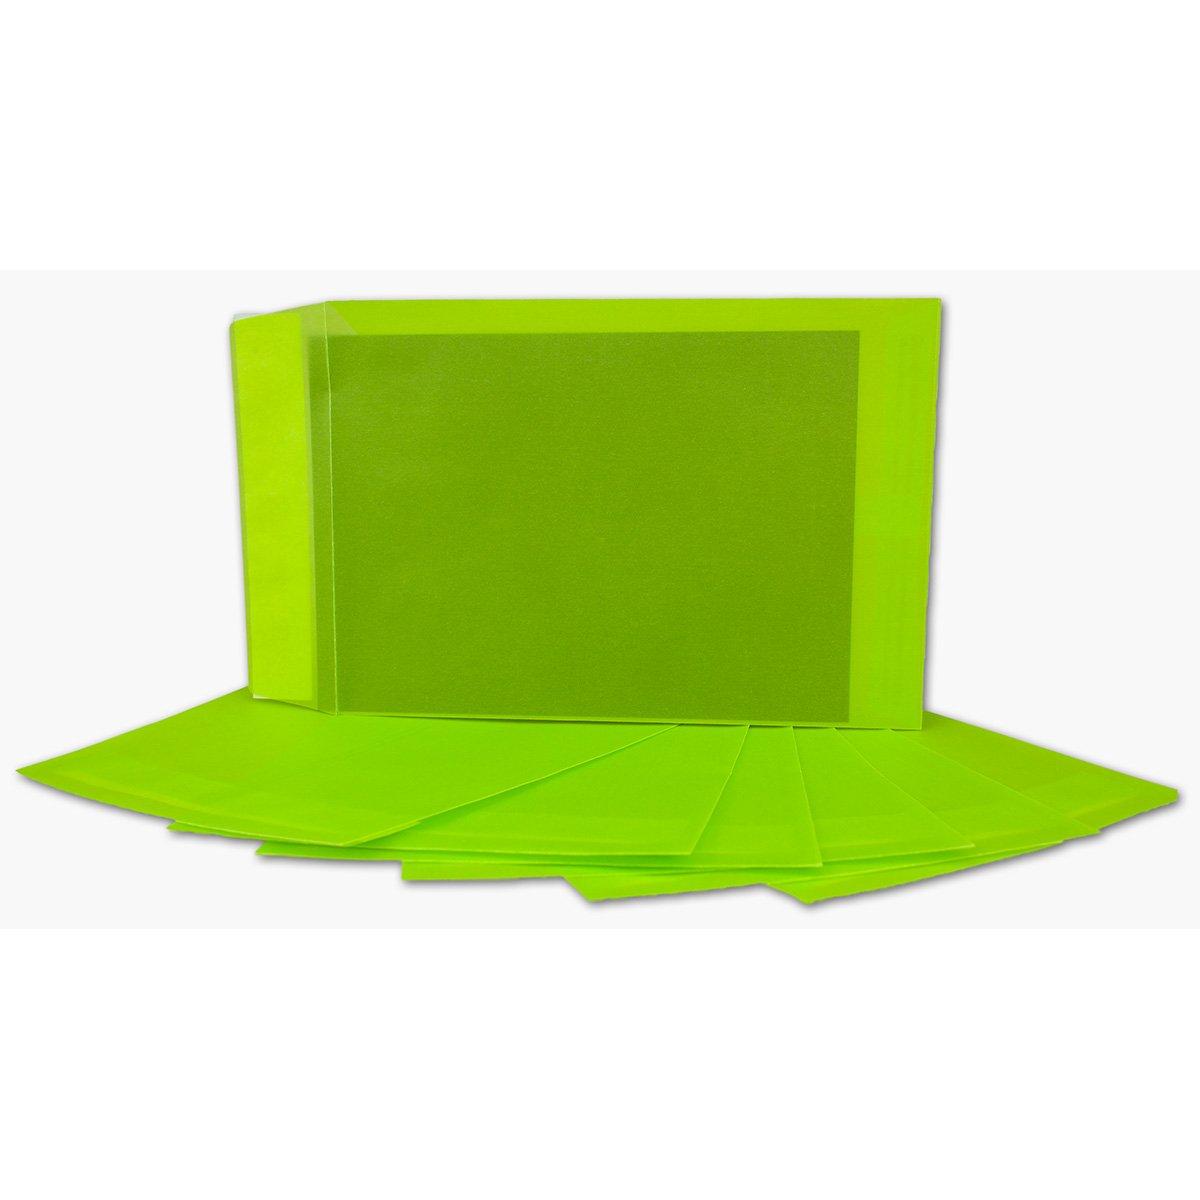 Transparente Umschläge DIN C5   200 Stück   Pastell-Orange-transparent mit seitlicher Verschlusslasche   Haftklebung   162 x 229 mm   Moderne Umschläge für Einladungen, Promotions, Giveaways B076CQ8S1Q |